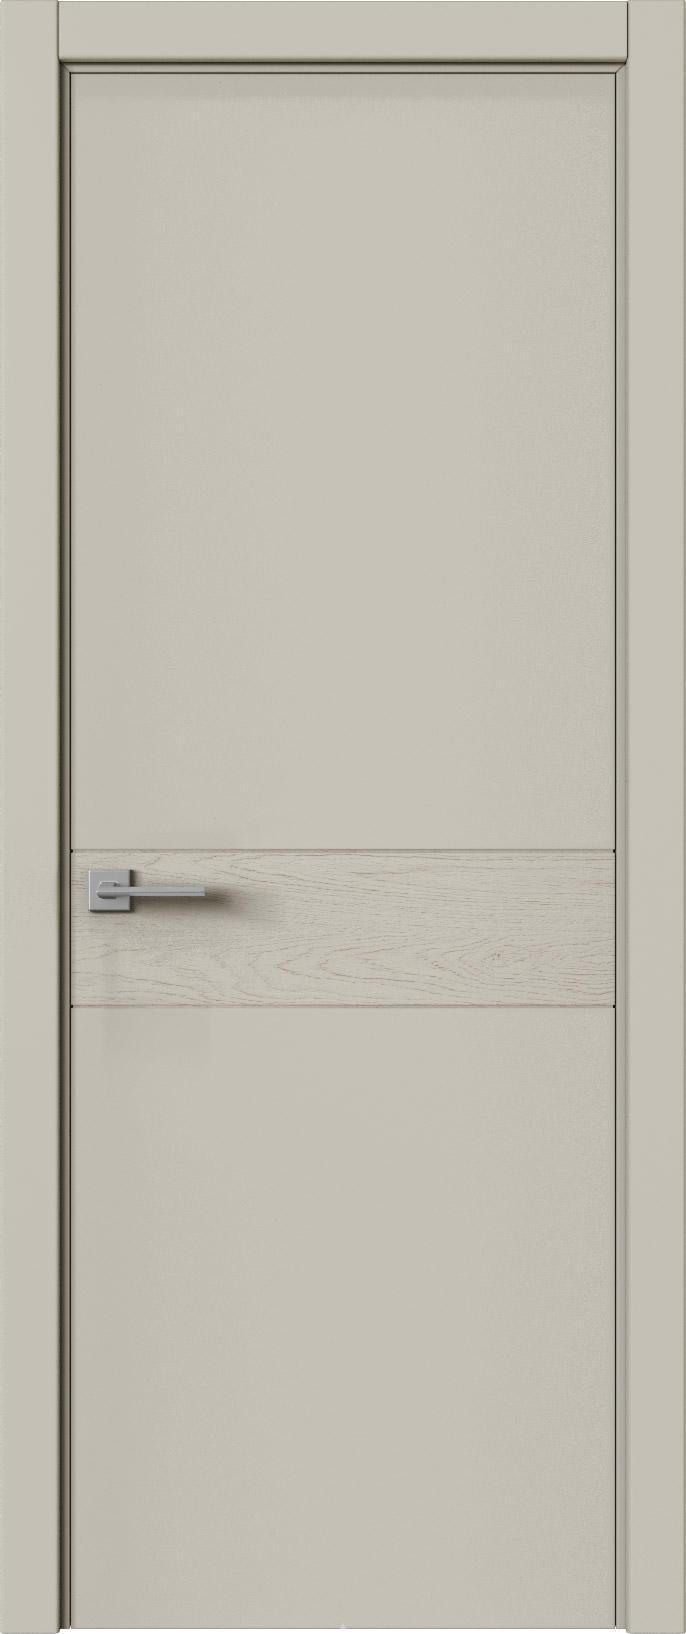 Tivoli И-2 цвет - Серо-оливковая эмаль-эмаль по шпону (RAL 7032) Без стекла (ДГ)